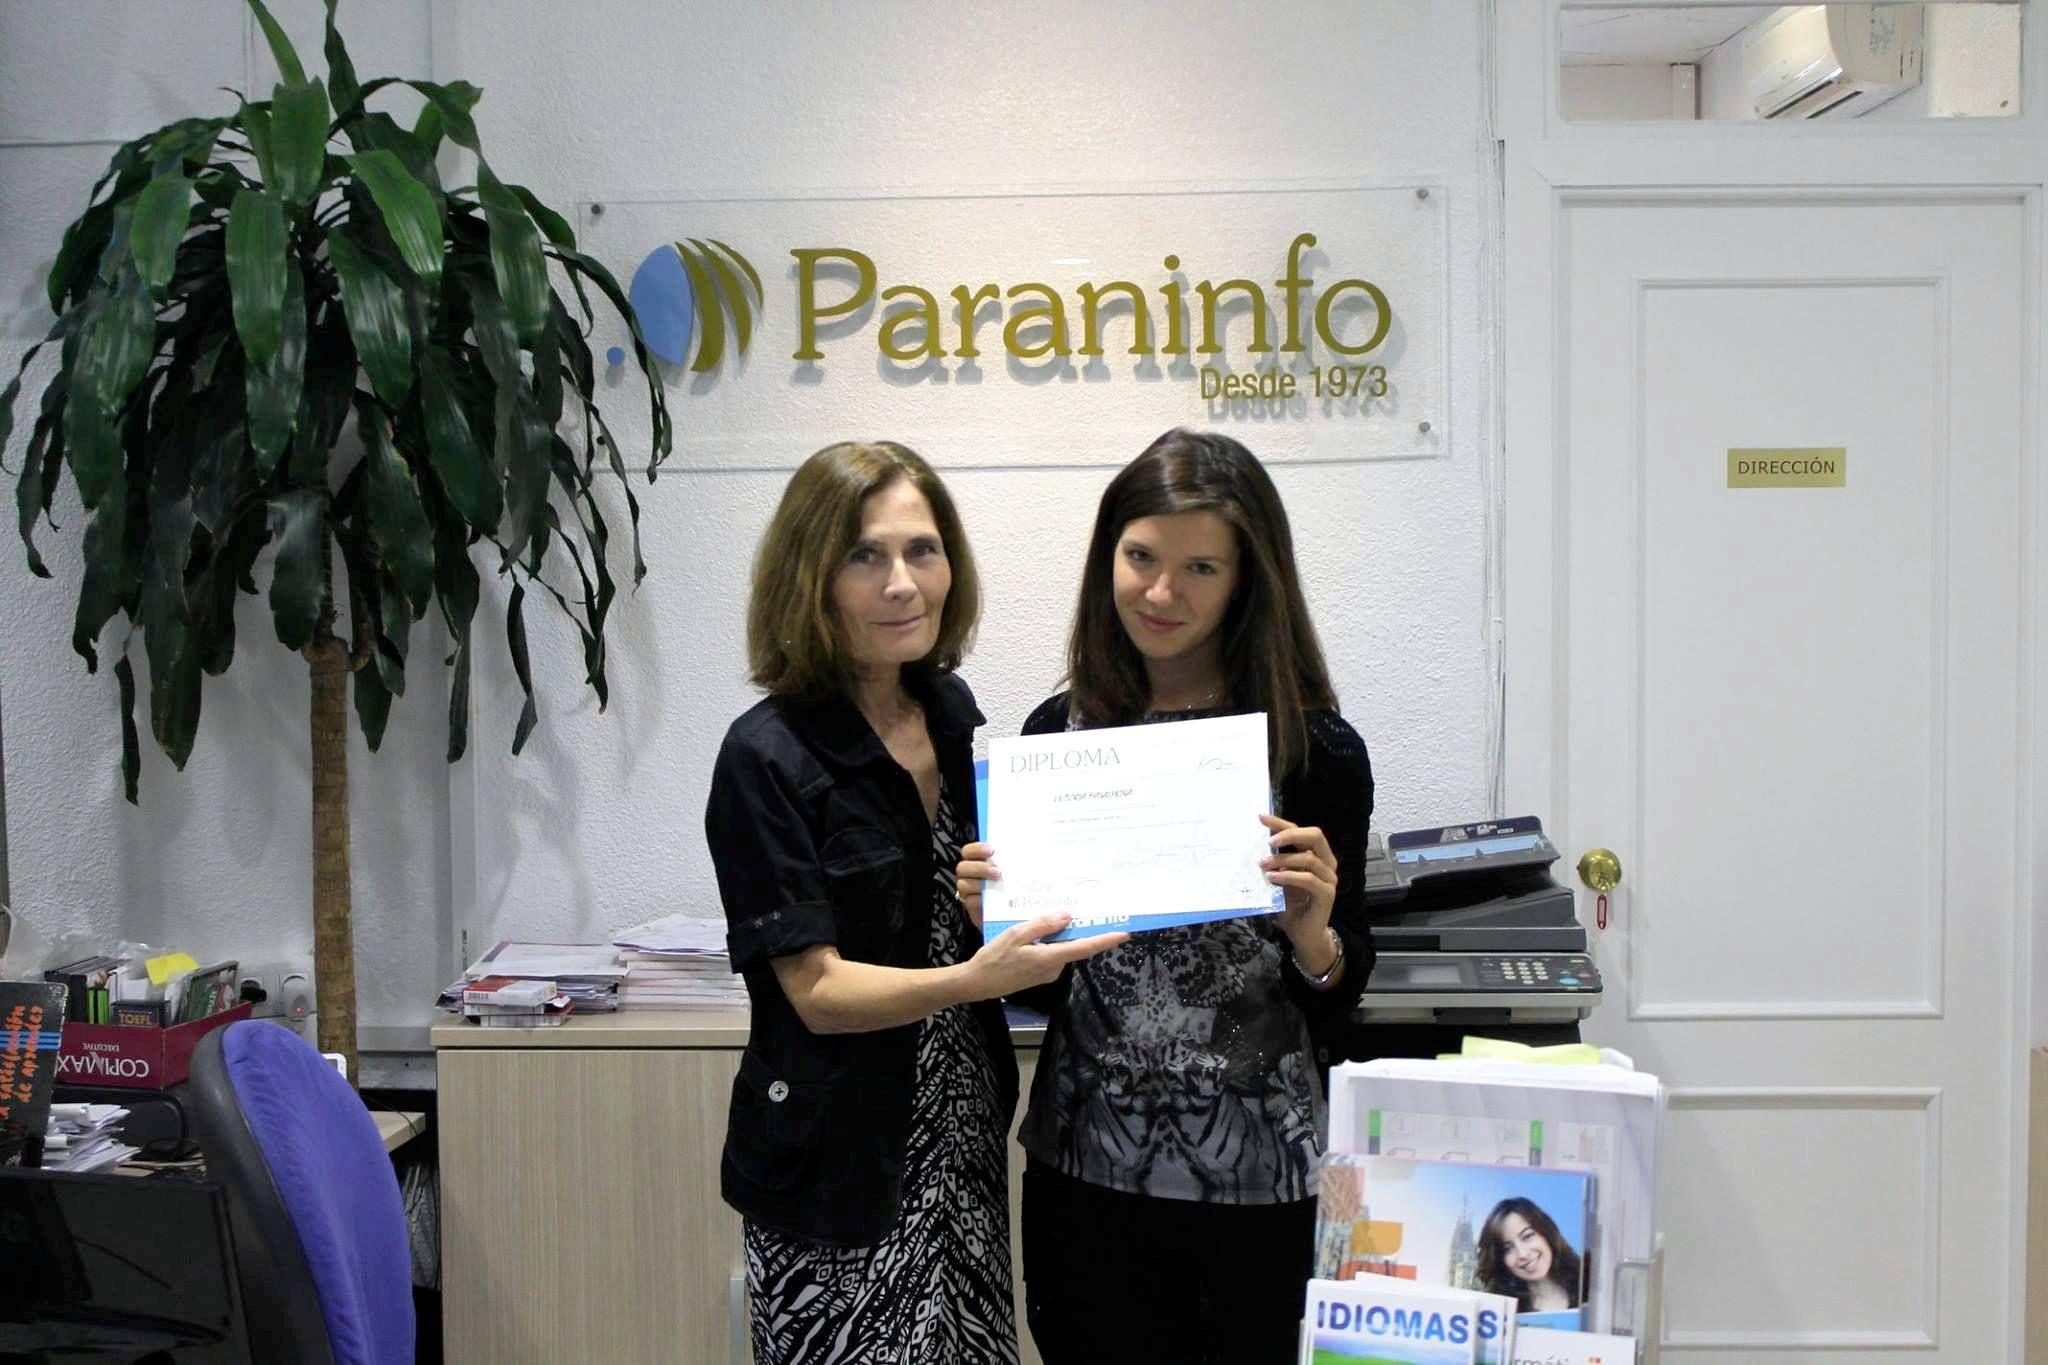 Hoy la alumna rusa Victoria Masalykina termina su curso y la directora de la academia ha procedido a la entrega el Diploma. ¡Esperemos vernos pronto de nuevo!